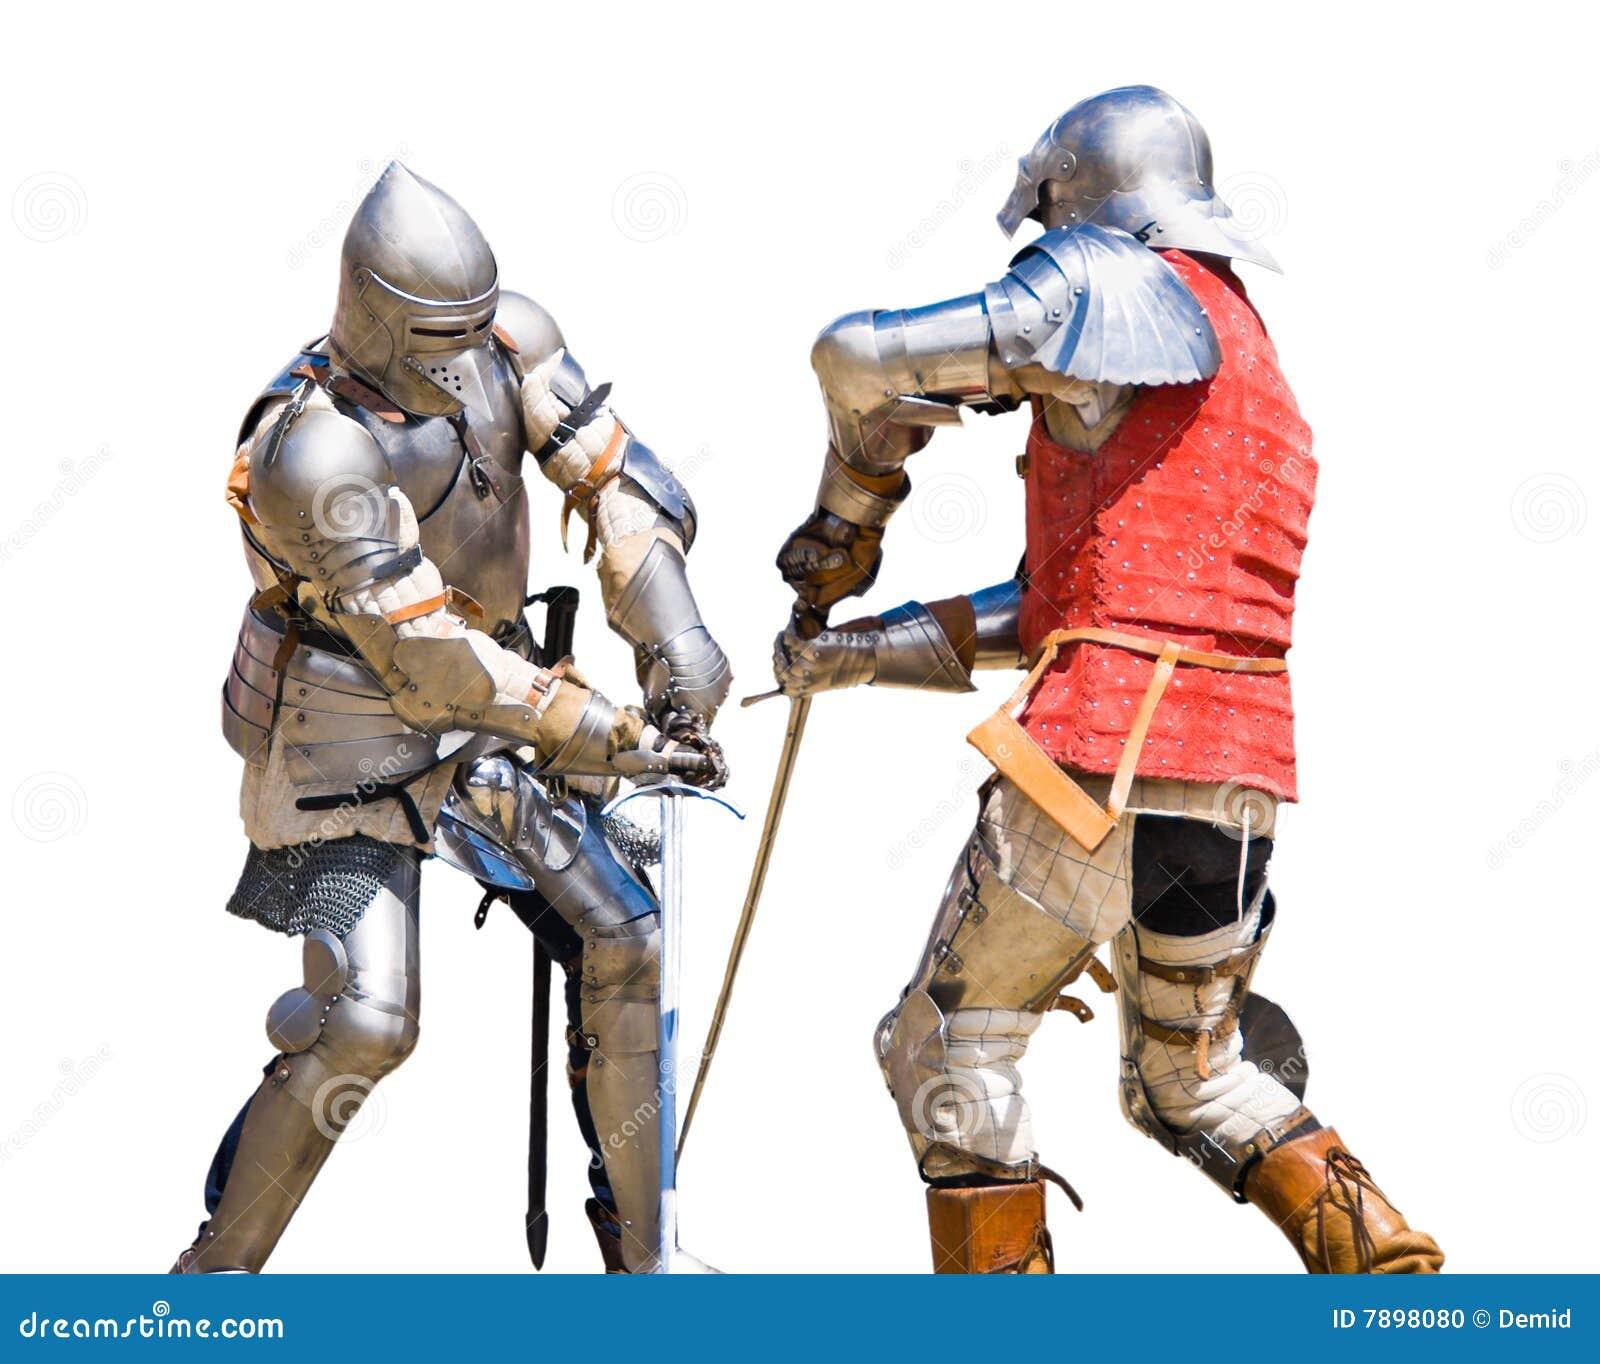 Knights tournament Knights